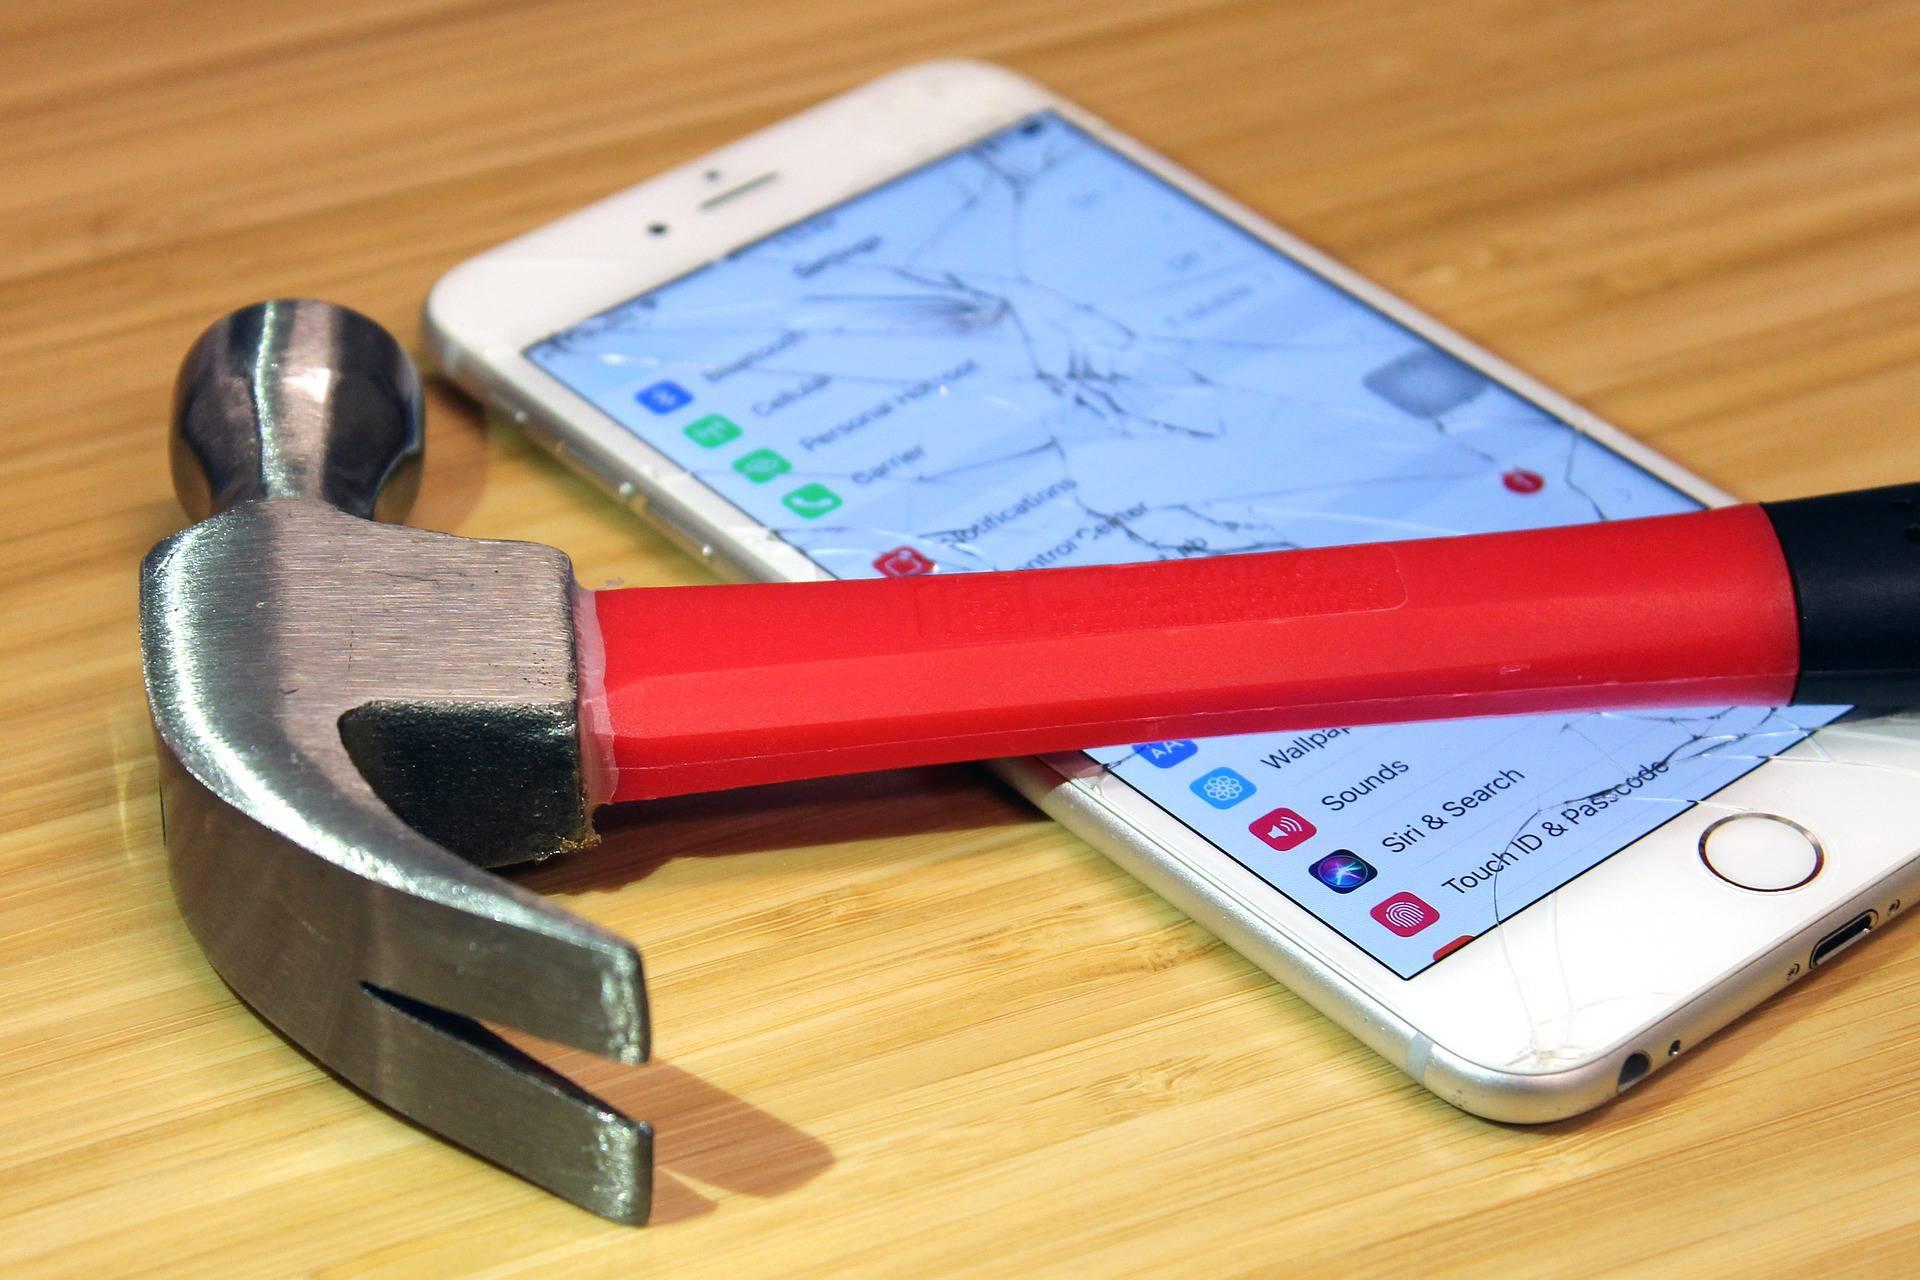 Uklanjanje aplikacije s mobitela nije baš jednostavno ako želite zaštititi podatke koje dijelite